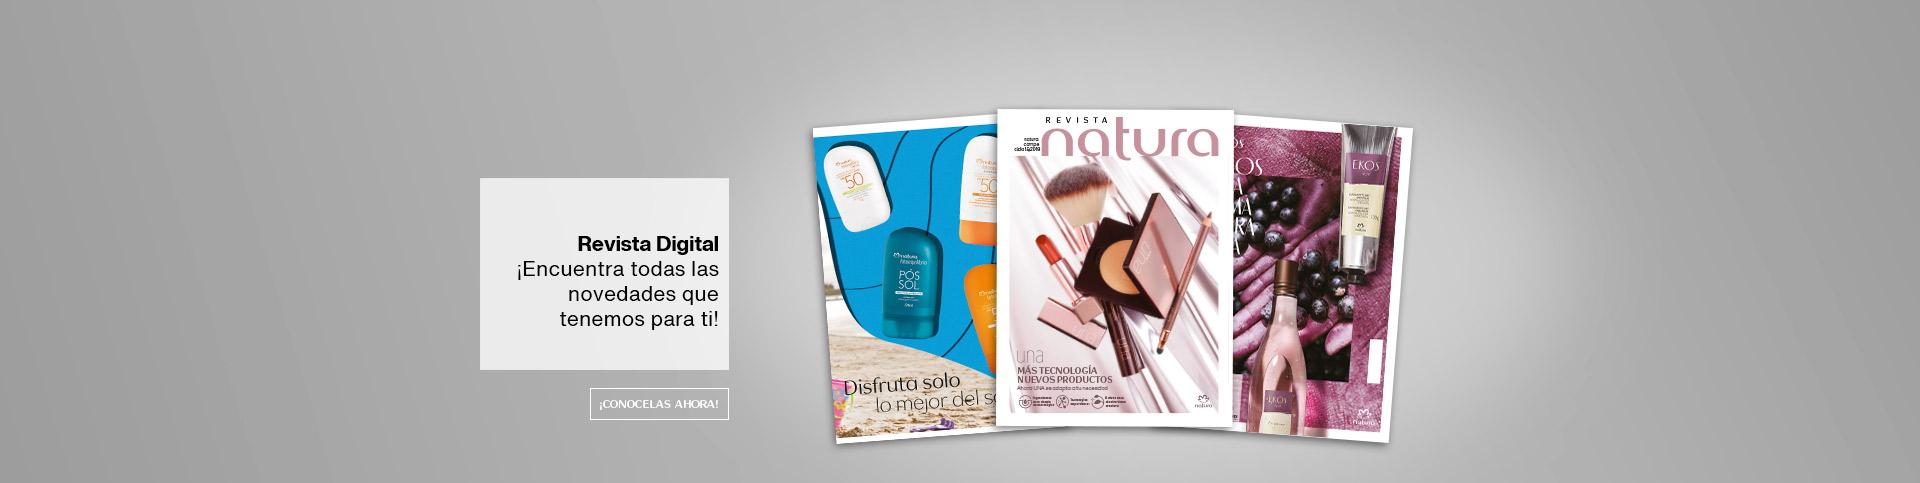 Revista digital ¡Encuentra todas las novedades que tenemos para ti!